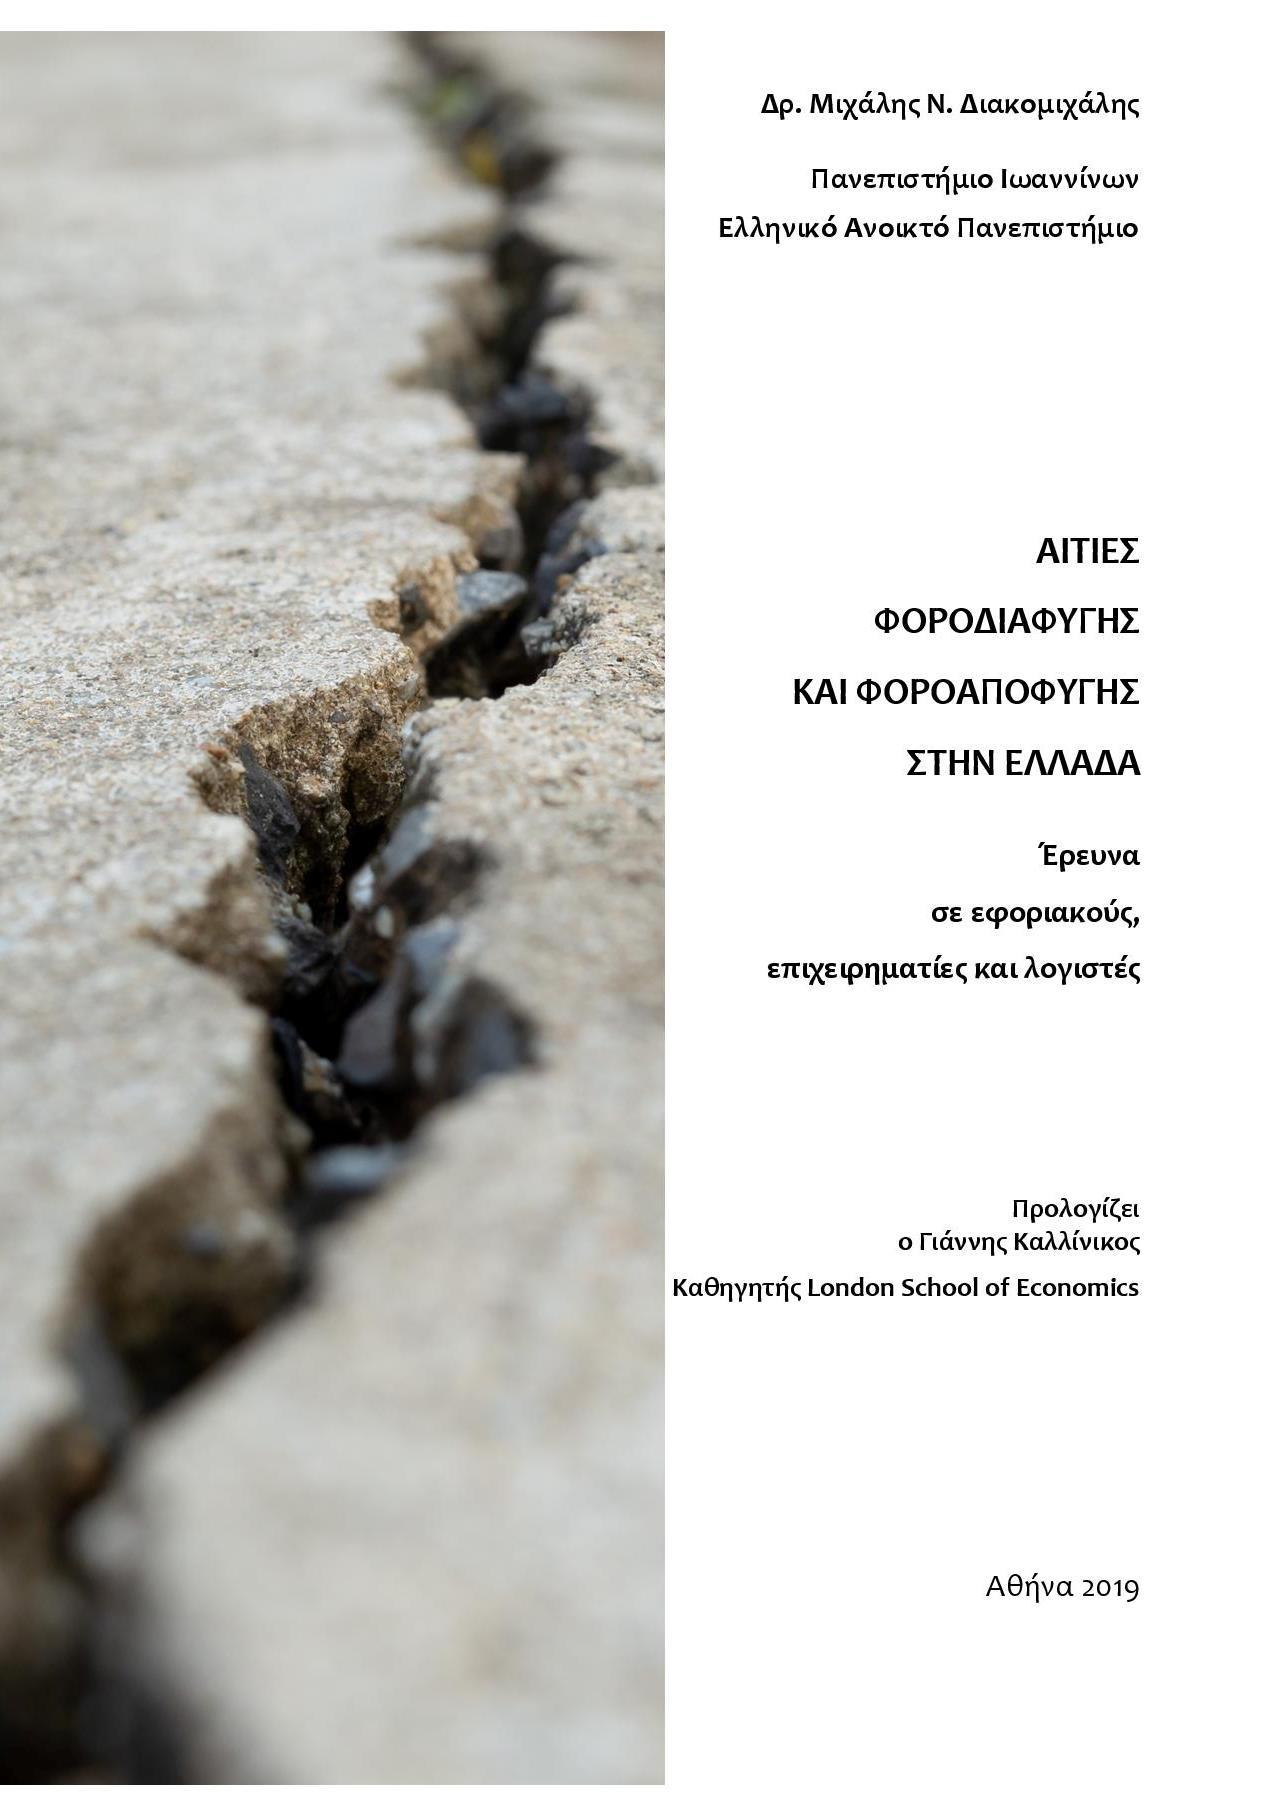 Αιτίες φοροδιαφυγής και φοροαποφυγής στην Ελλάδα